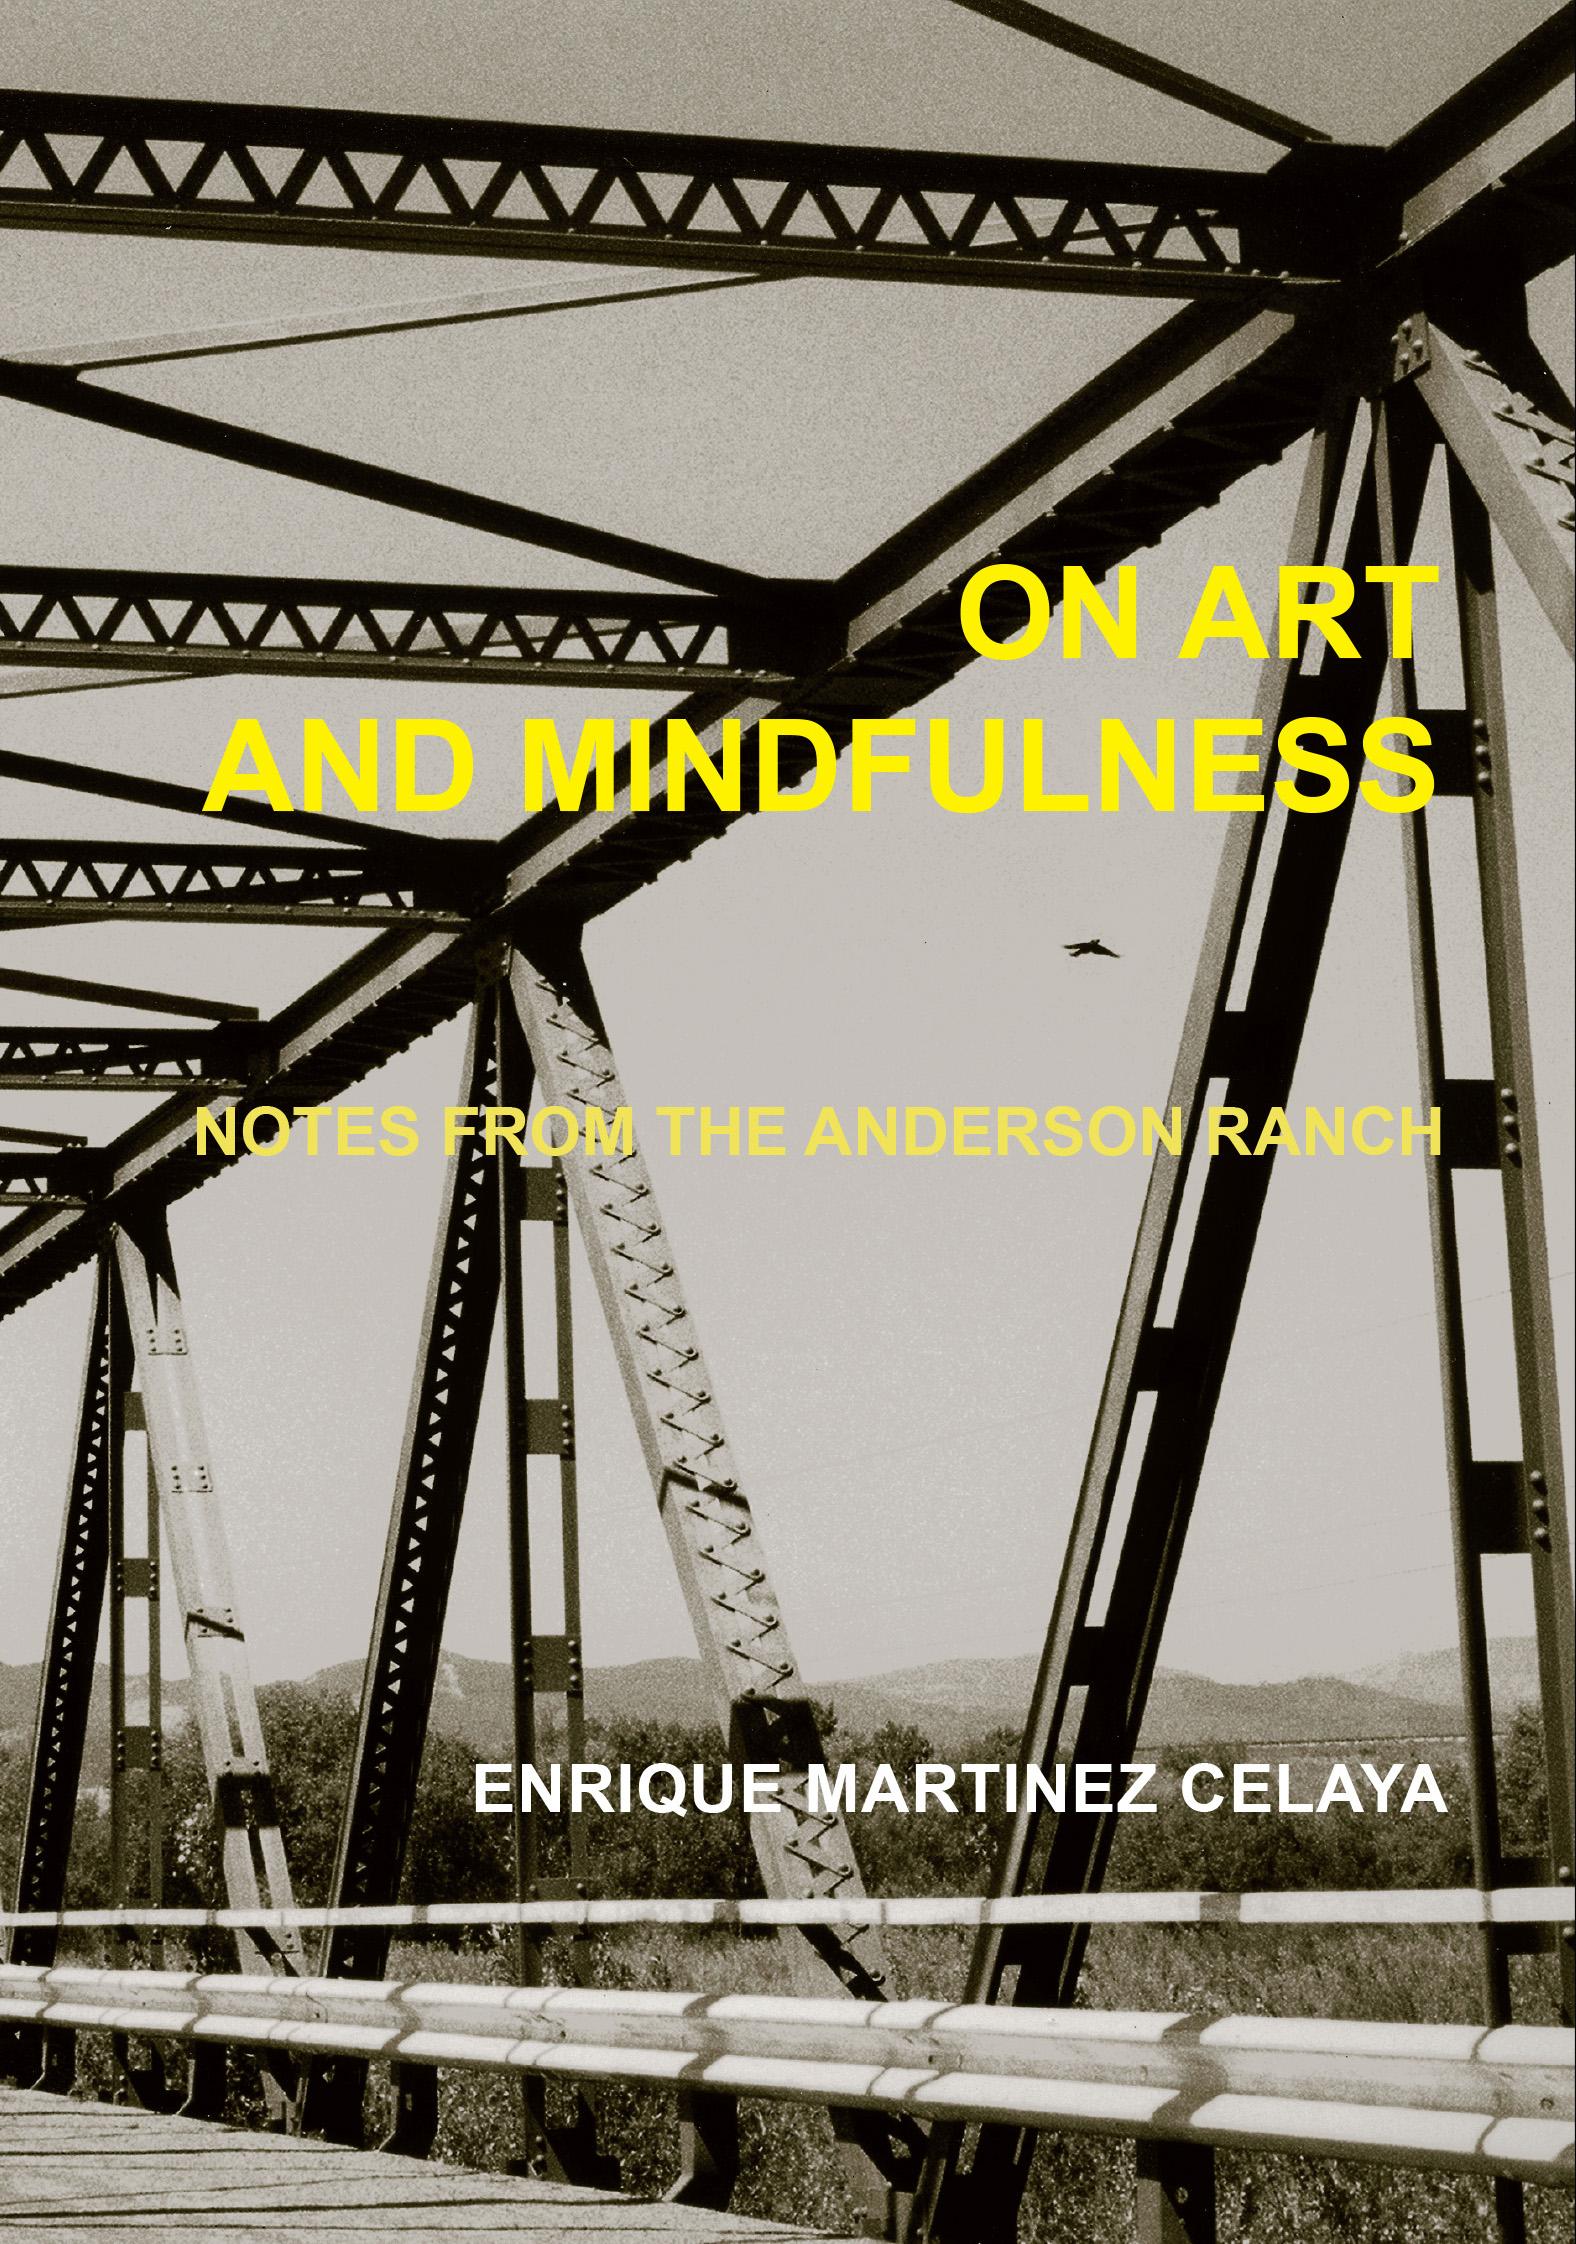 Enrique Martinez Celaya On Art and Mindfulness